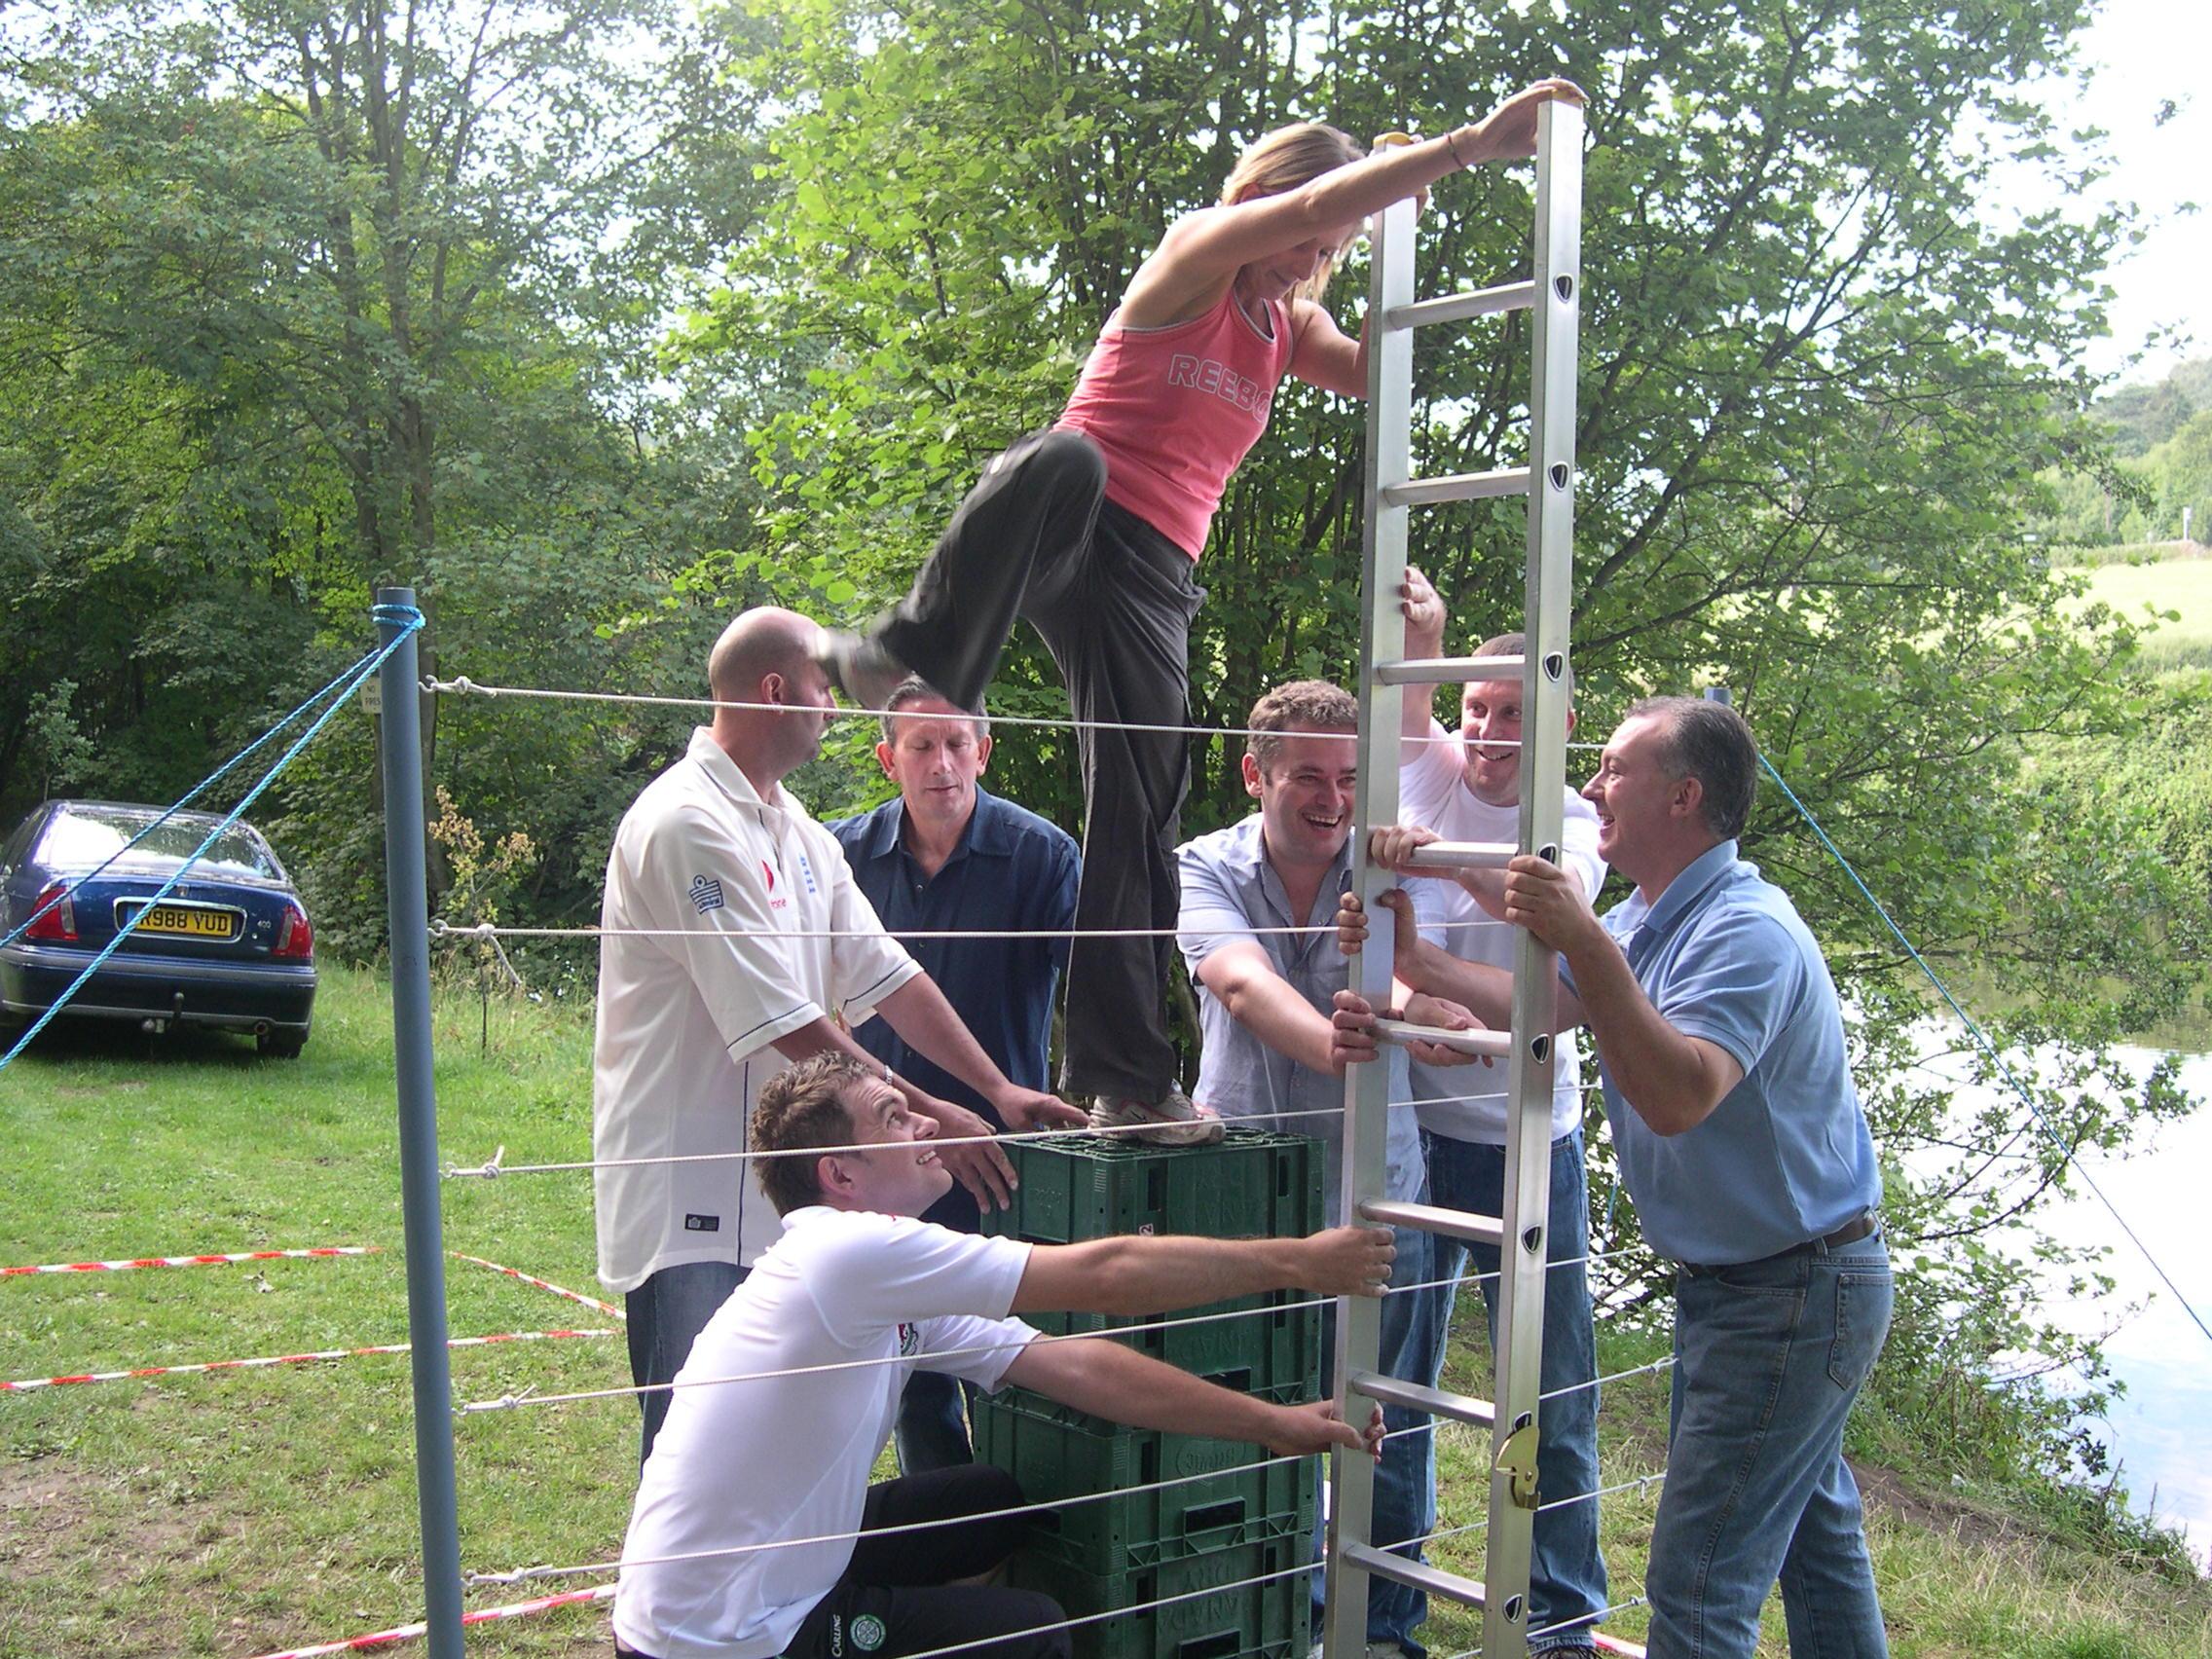 Staff Team Building Activities